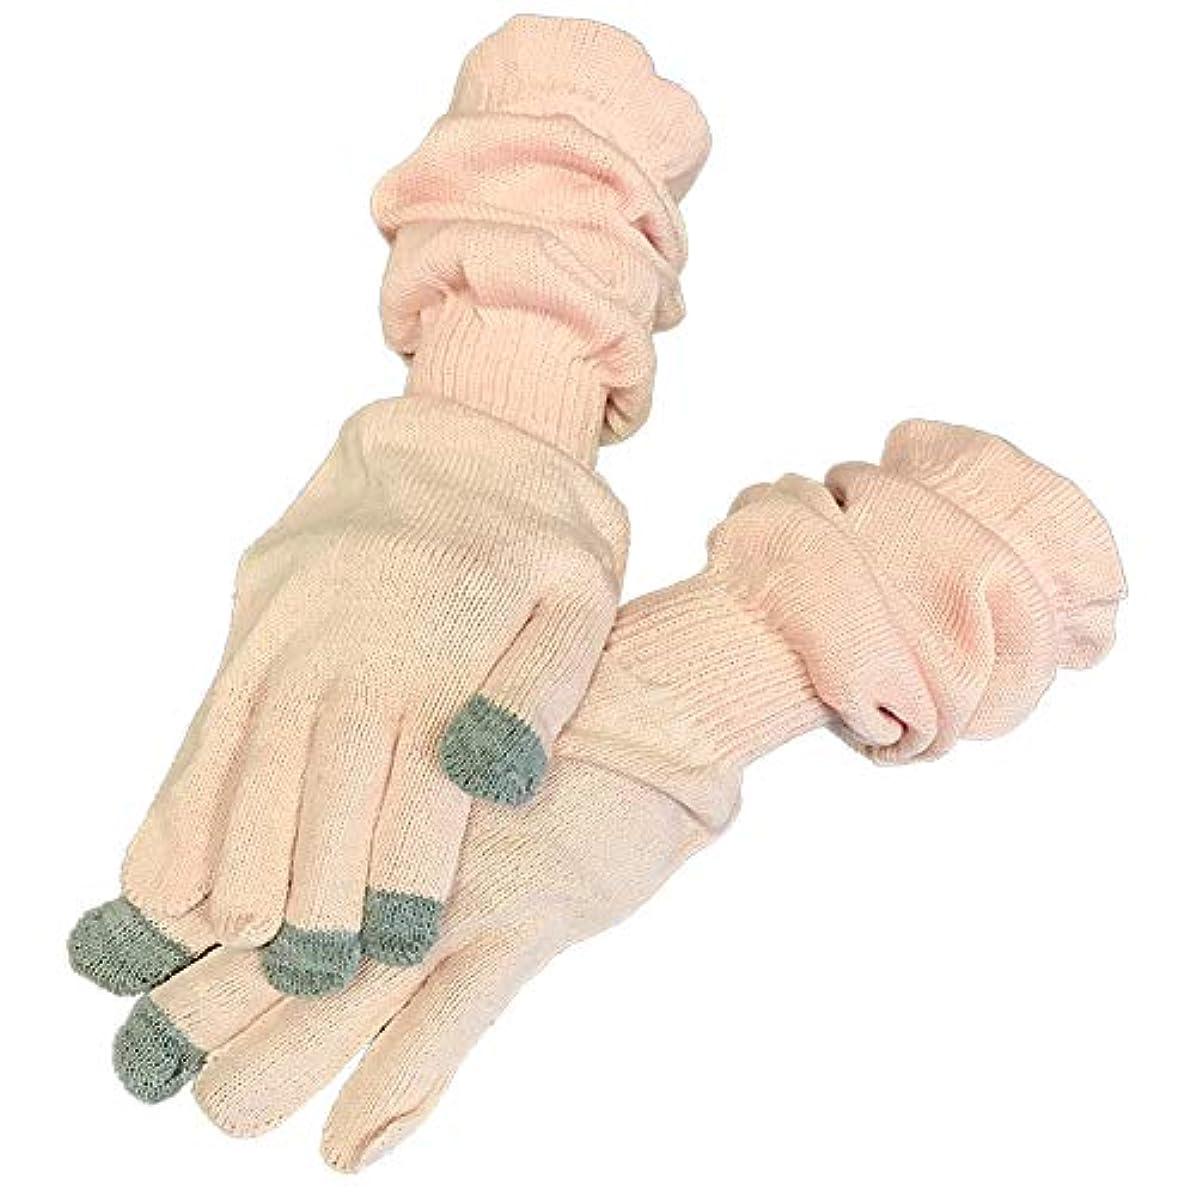 求人知覚するスラック手袋 手 カサカサ ハンドケア 乾燥 手荒れ シルク コットン 防止 予防 対策 保湿 就寝用 寝るとき スマホ スマホOK おやすみ レディース